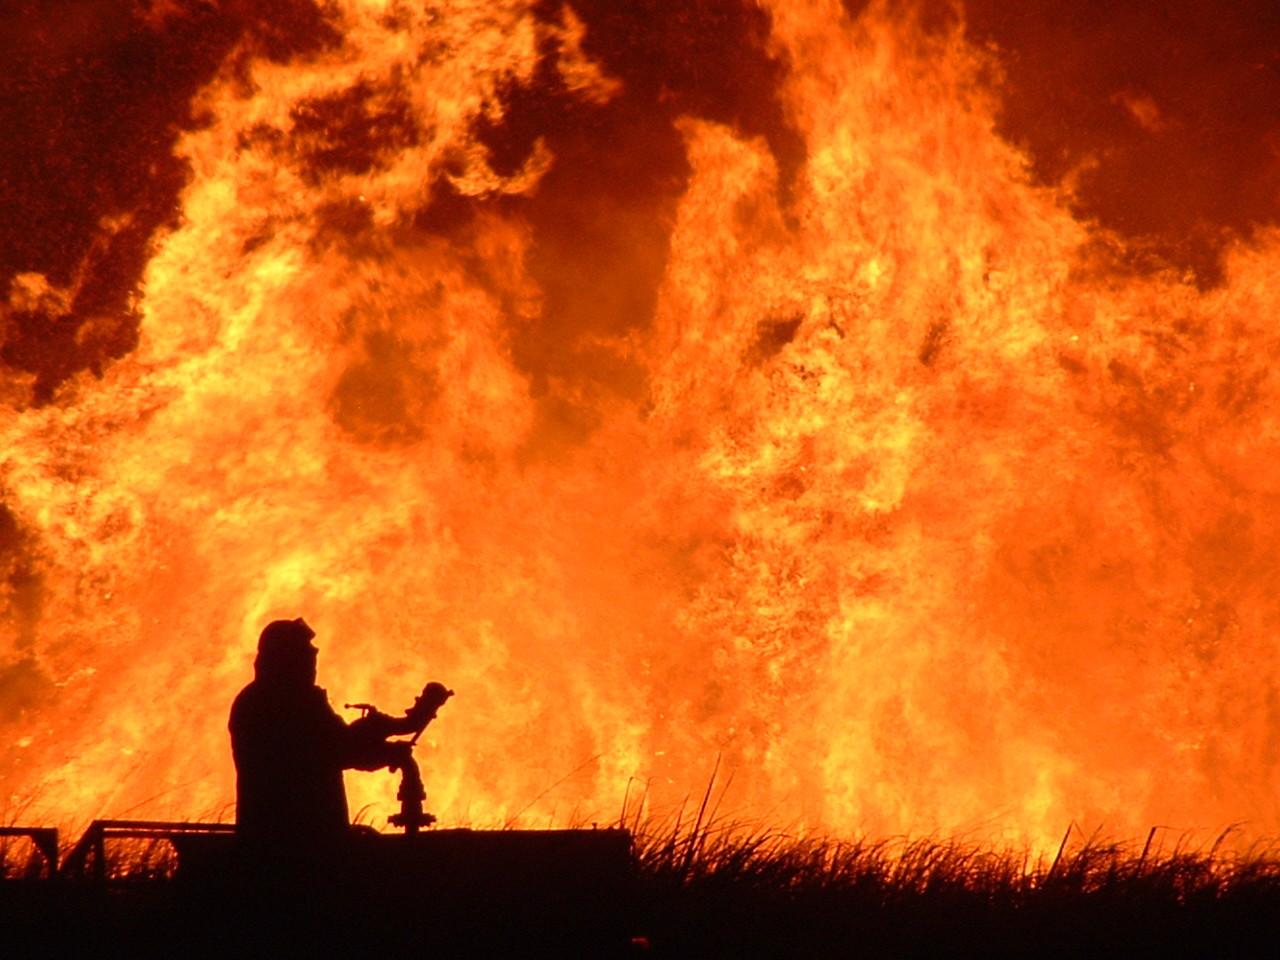 L'Italia brucia: incendi dal Triestino alla Sicilia. Avellino, forestale muore tra le fiamme